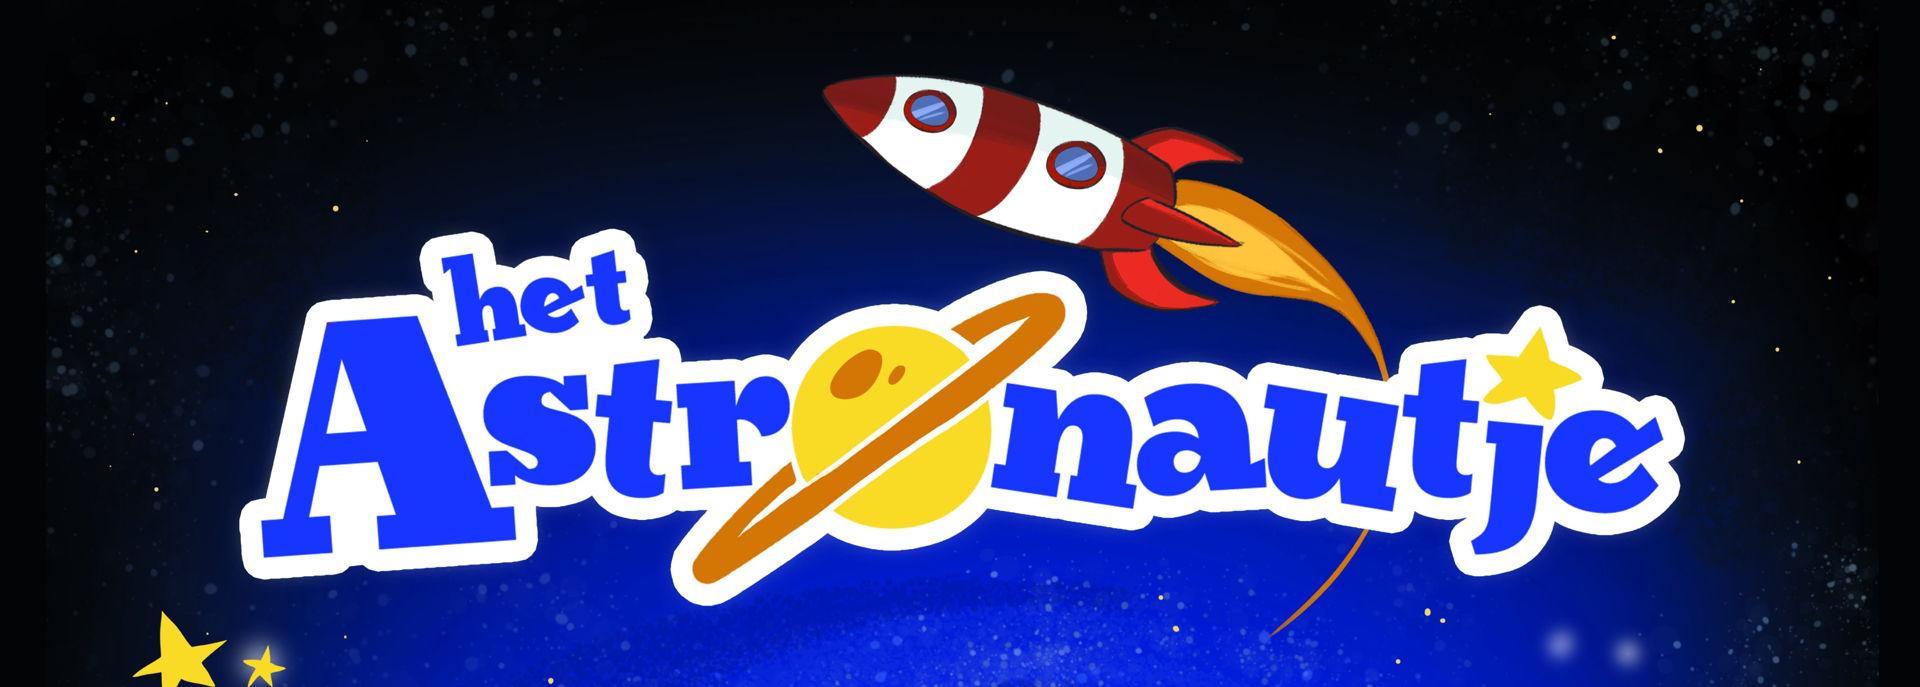 Het astronautje - prentenboekjesfestival - 2021